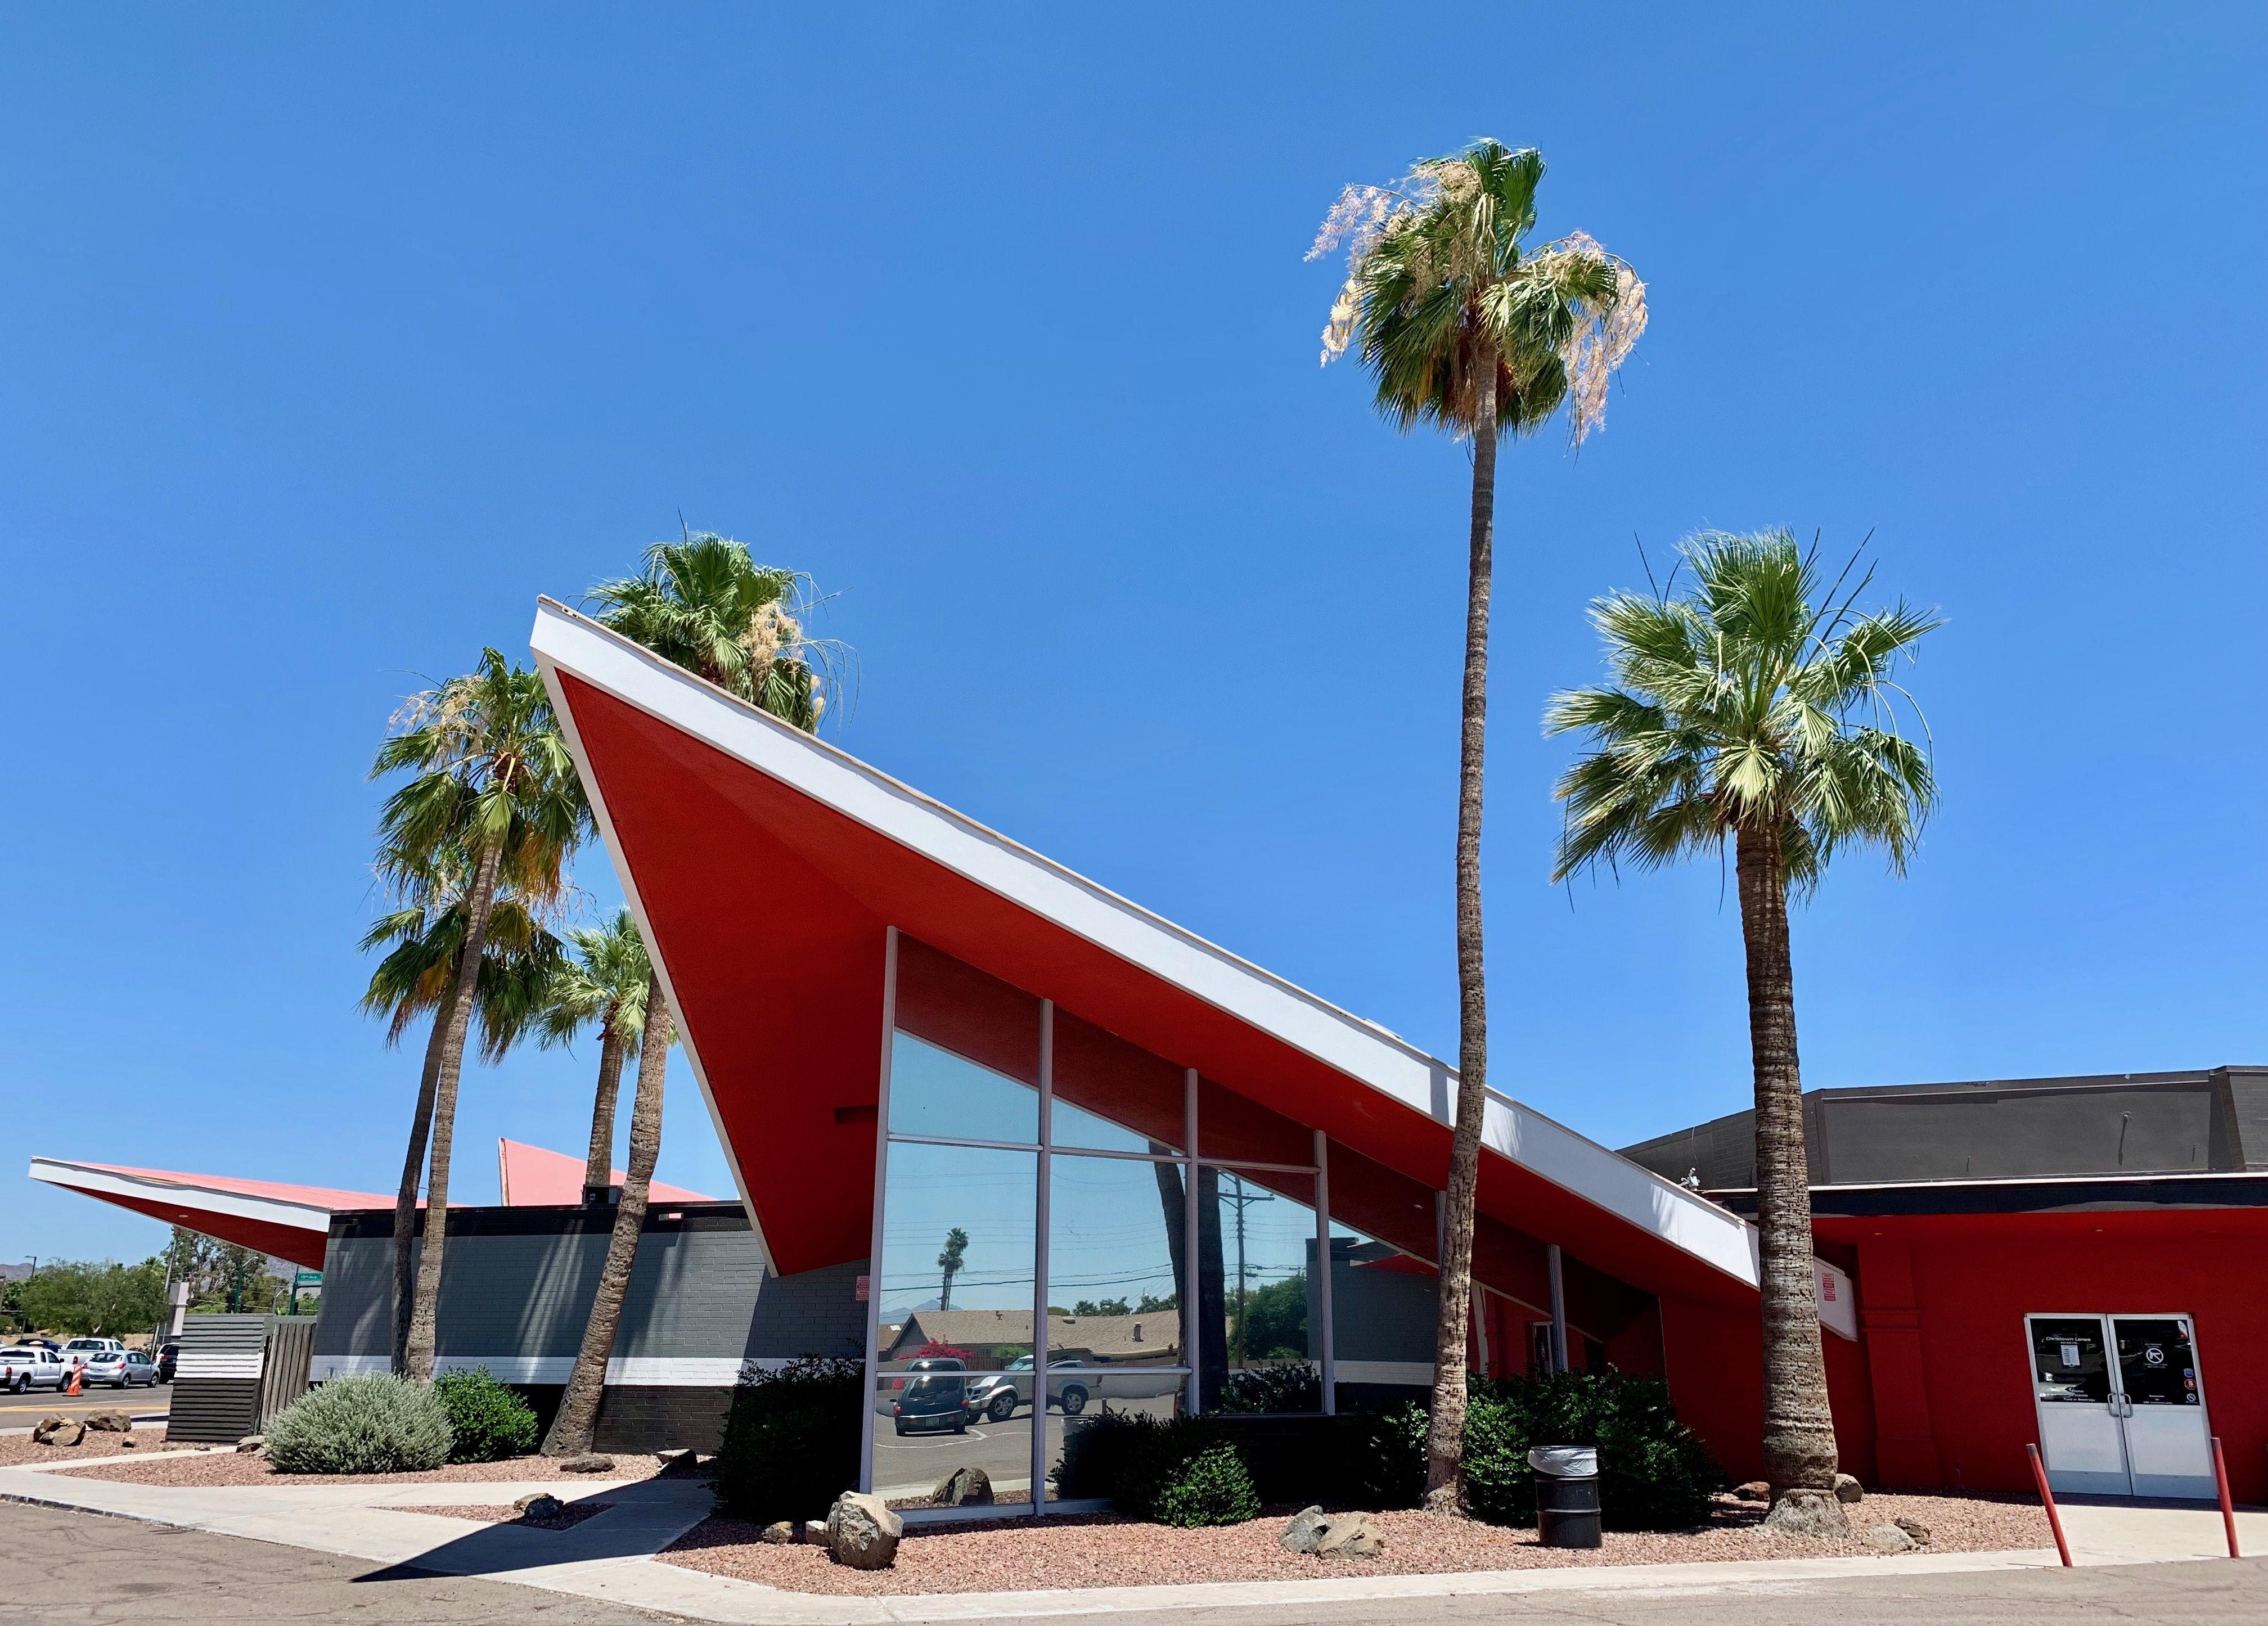 Bowlero Christown Phoenix 1962 1965 Bethany Home Mirrored Glass Arizona